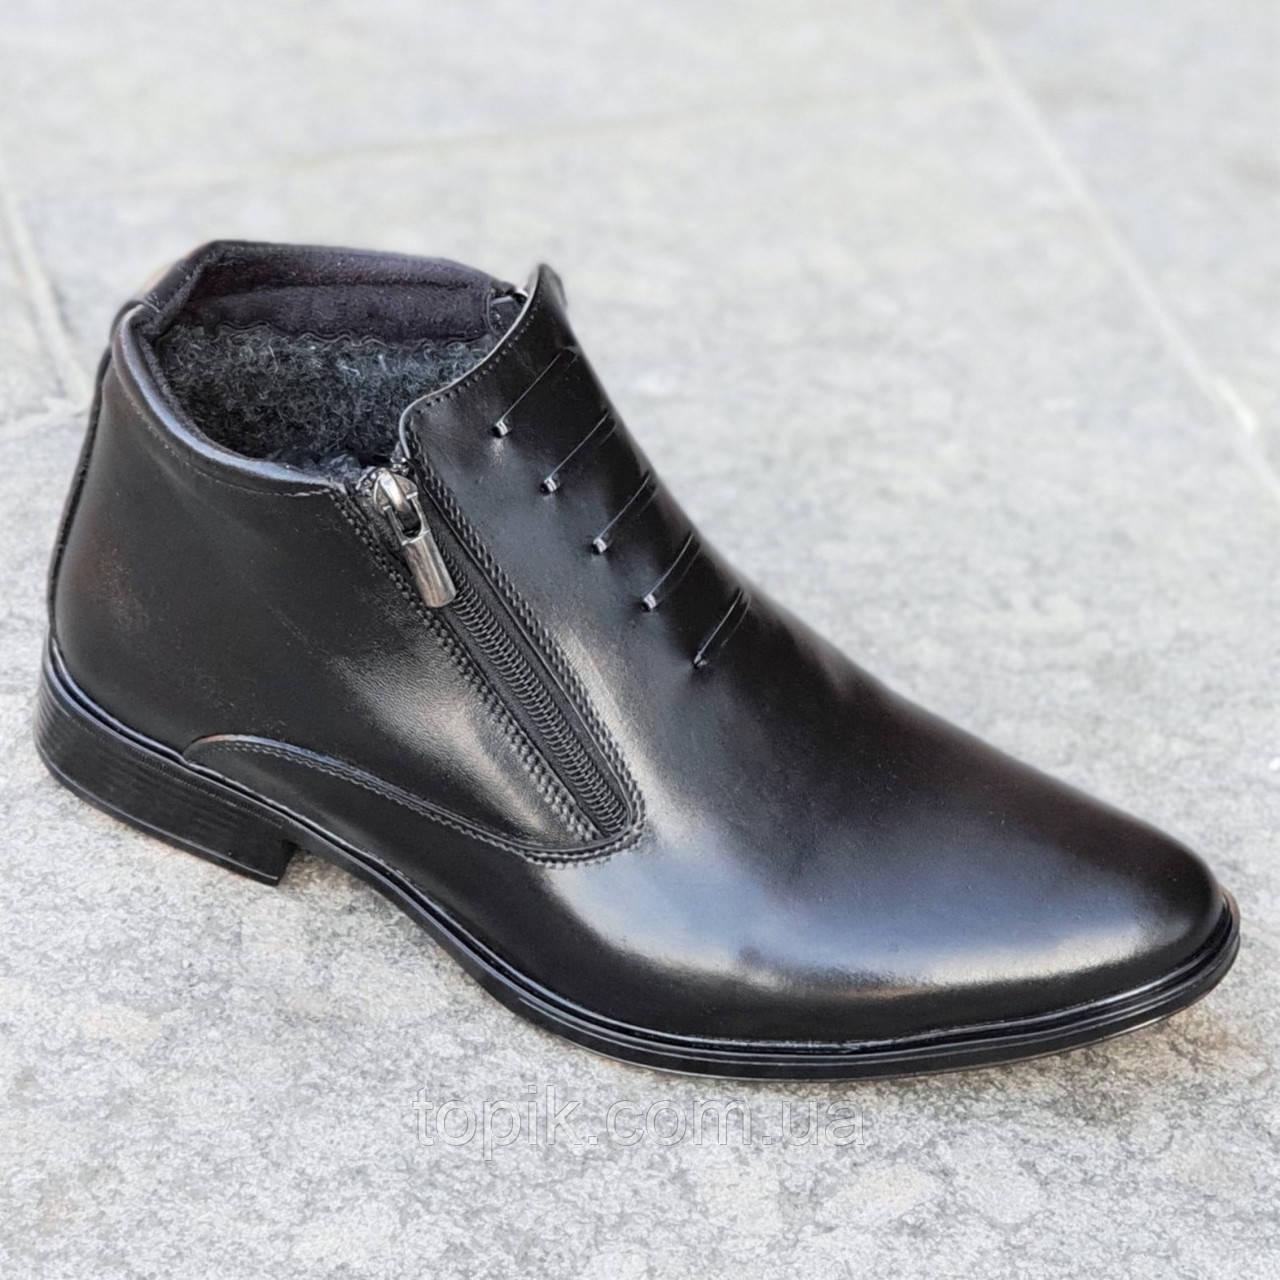 a7b4f8763 Мужские зимние классические мужские ботинки, полусапожки на молнии кожаные  черные с острым носком (Код